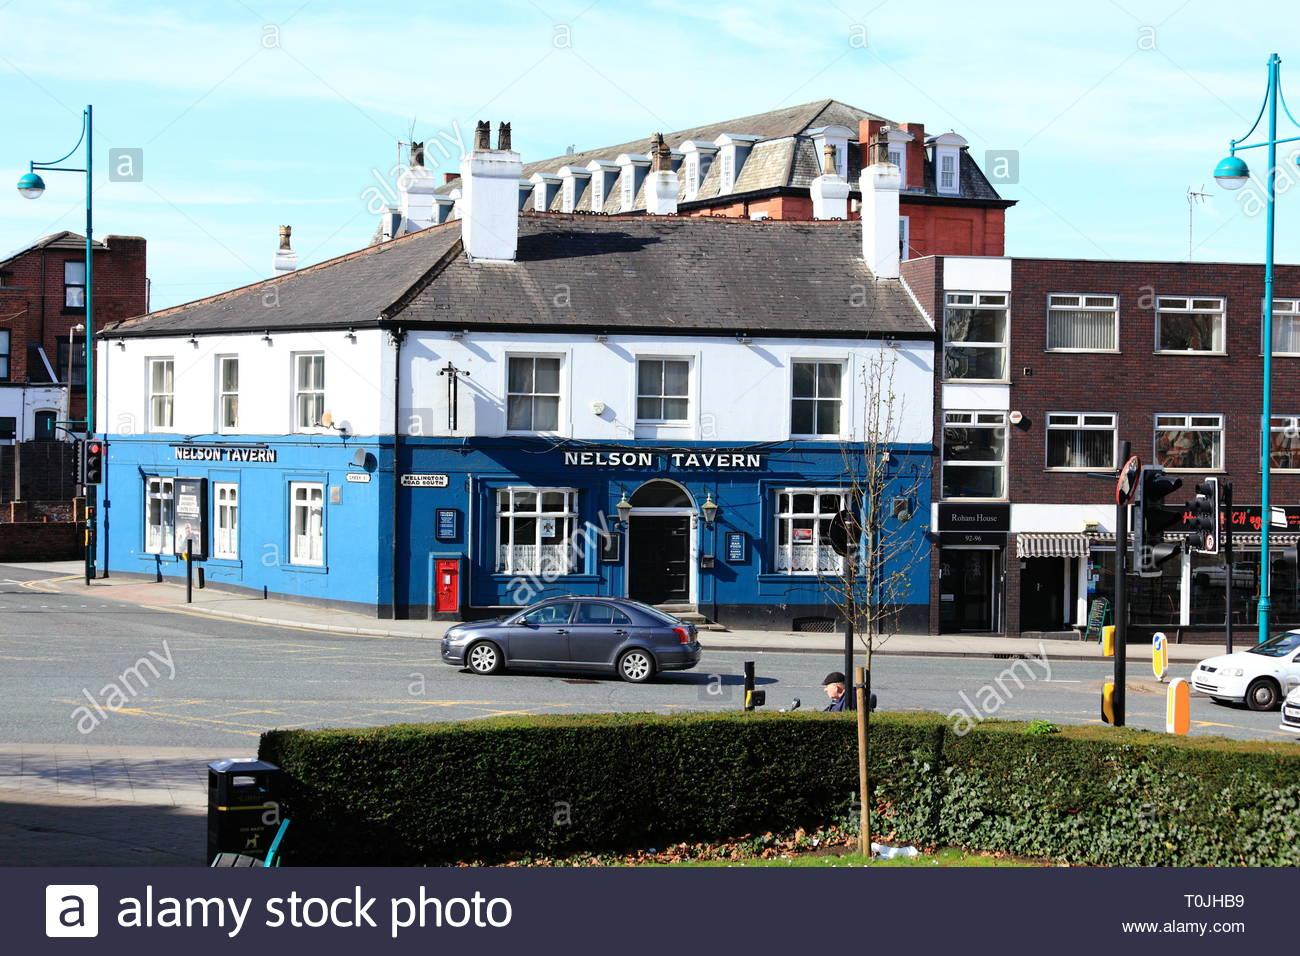 The Nelson Tavern Pub at Stockport UK - Stock Image